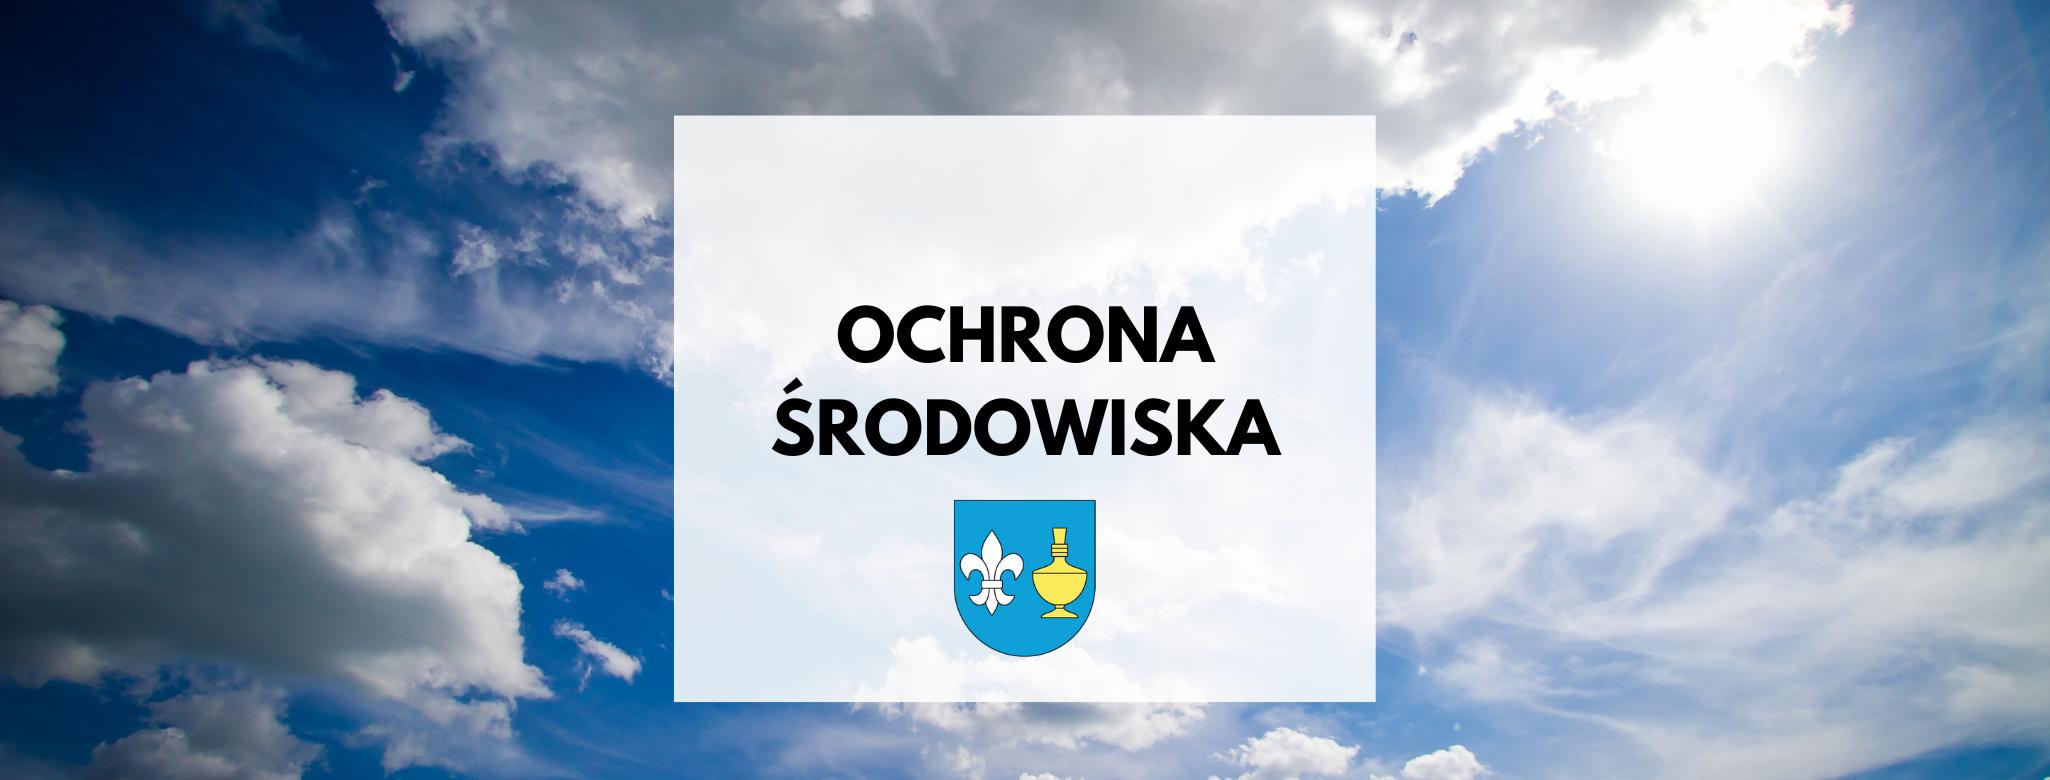 Nagłówek graficzny o treści: ochrona środowiska, w tle lekko zachmurzone niebo i słońce przebijające się zza chmur, herb gminy Koczała